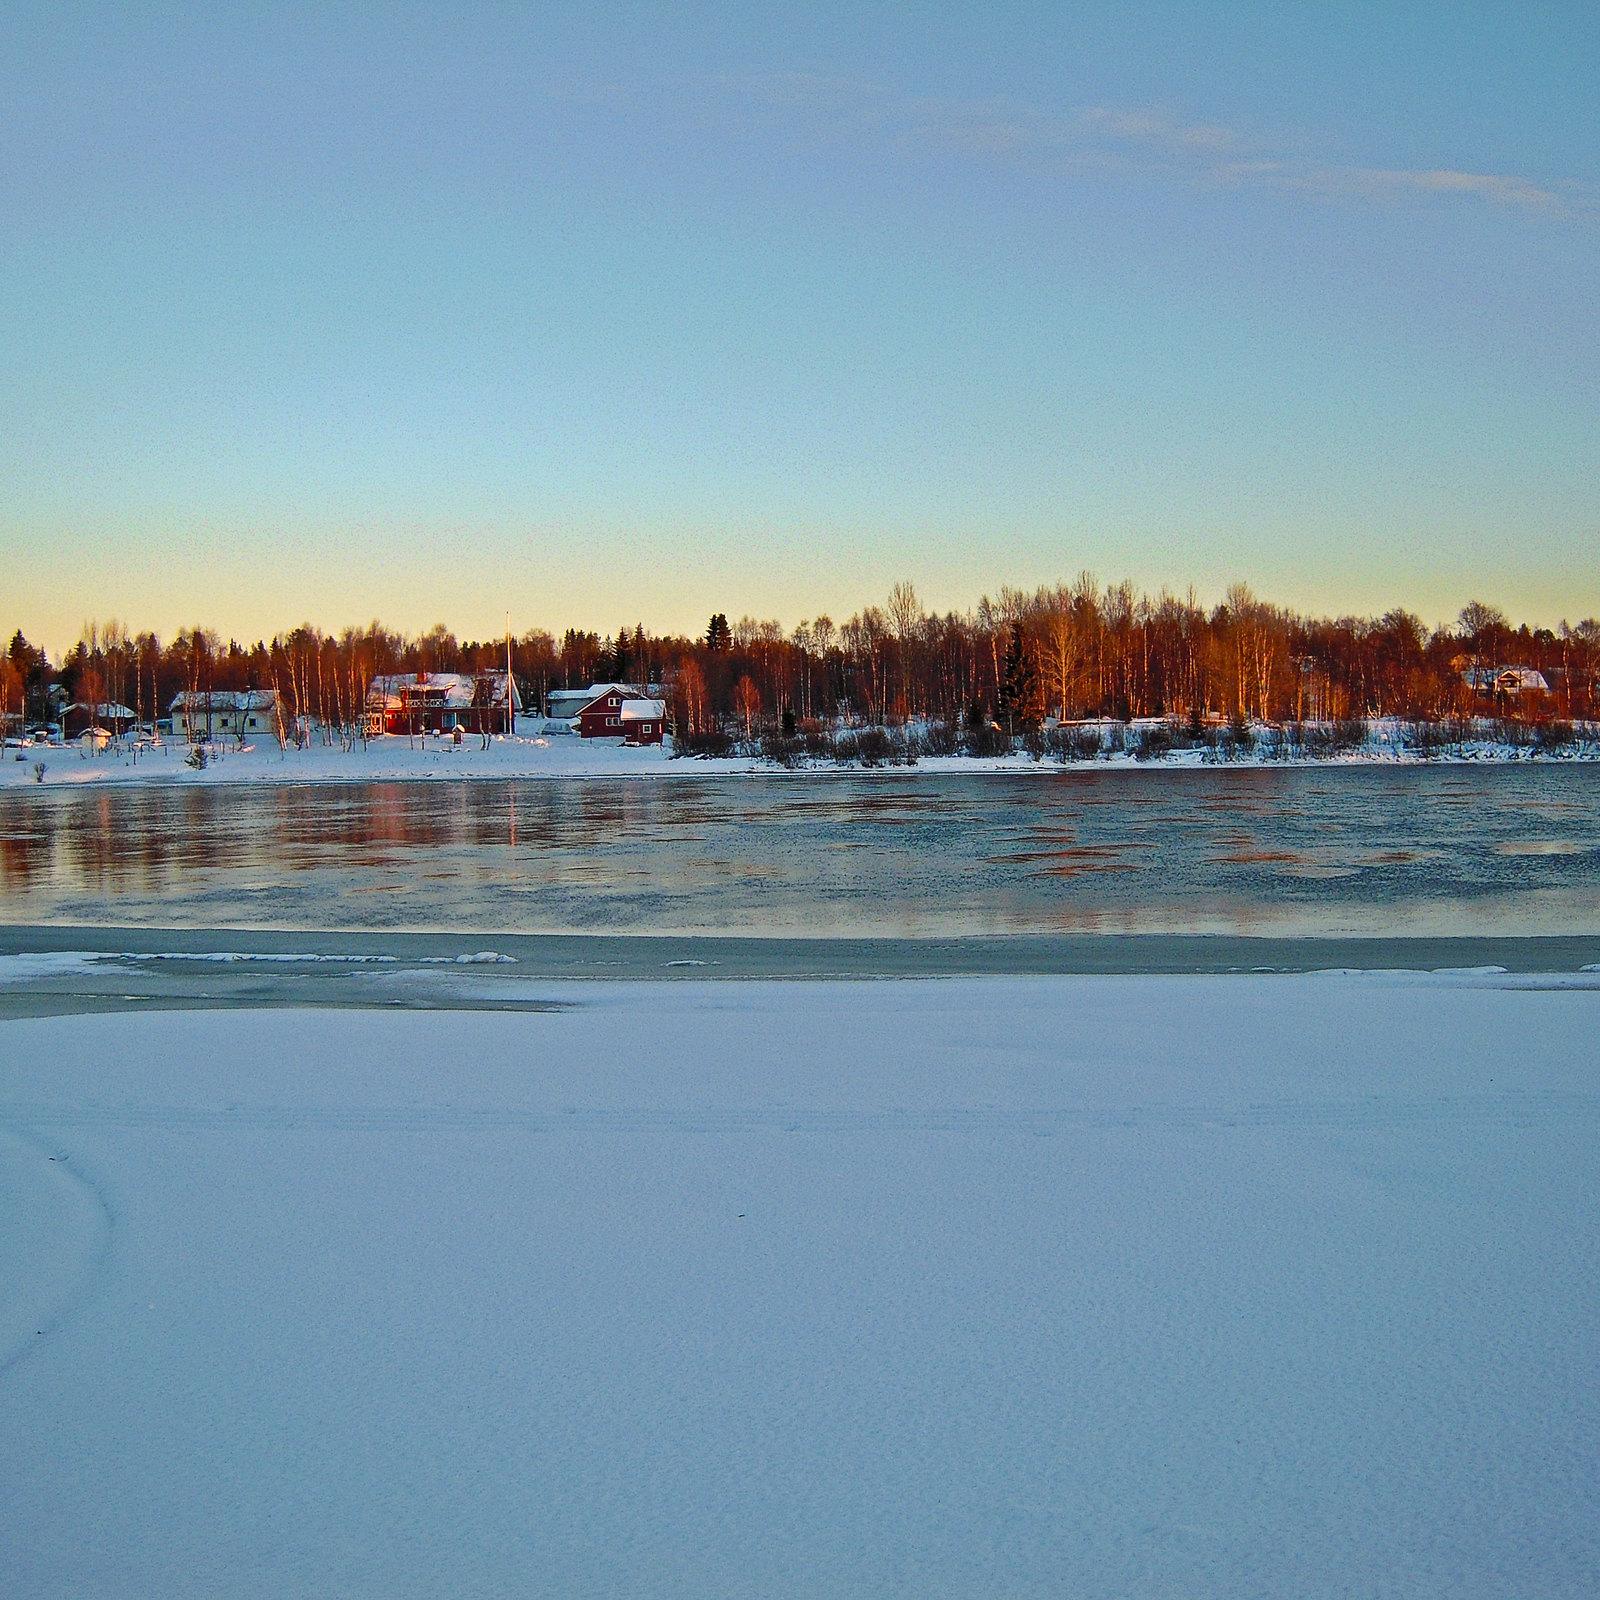 River Kitinen freezing over